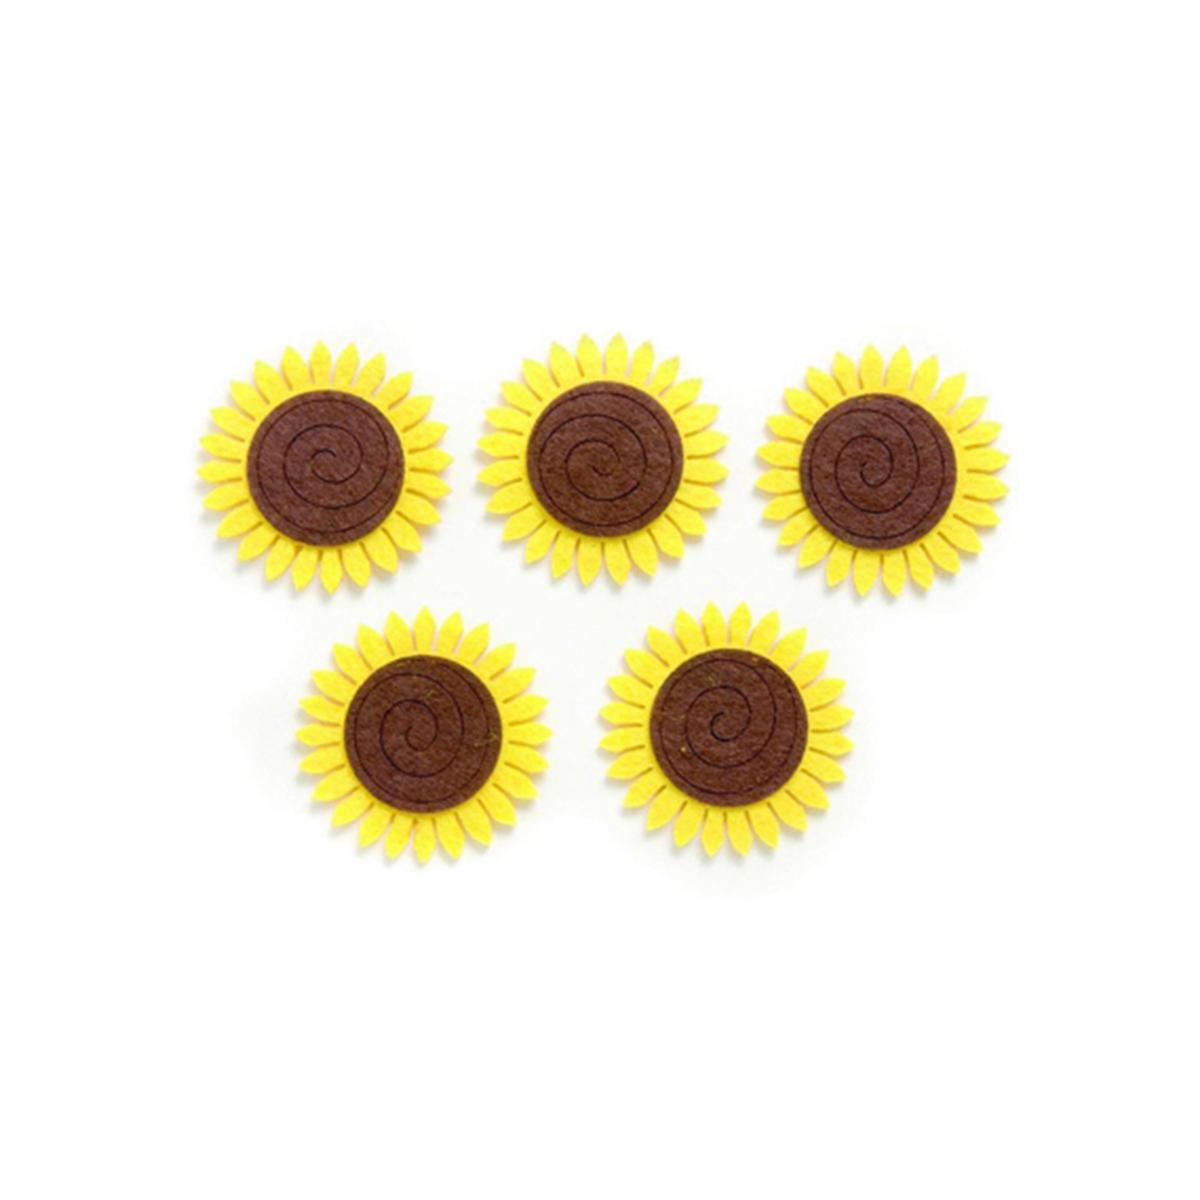 Фигурки из фетра Glorex Подсолнухи, цвет: желтый, коричневый, 5 см, 5 штK100Фетр пользуется большой популярностью среди рукодельниц. Его любят за эстетичный вид, практичность и отличную текстуру. Из данного материала вашему вниманию предлагаются заготовки Glorex. Широкое разнообразие цветов и форм поможет реализовать творческие задумки и гармоничным образом дополнить ваше творение. Из фетра можно создавать обложки для книг, ежедневников, игрушки, декоративные чехлы для подушек и многое, многое другое.